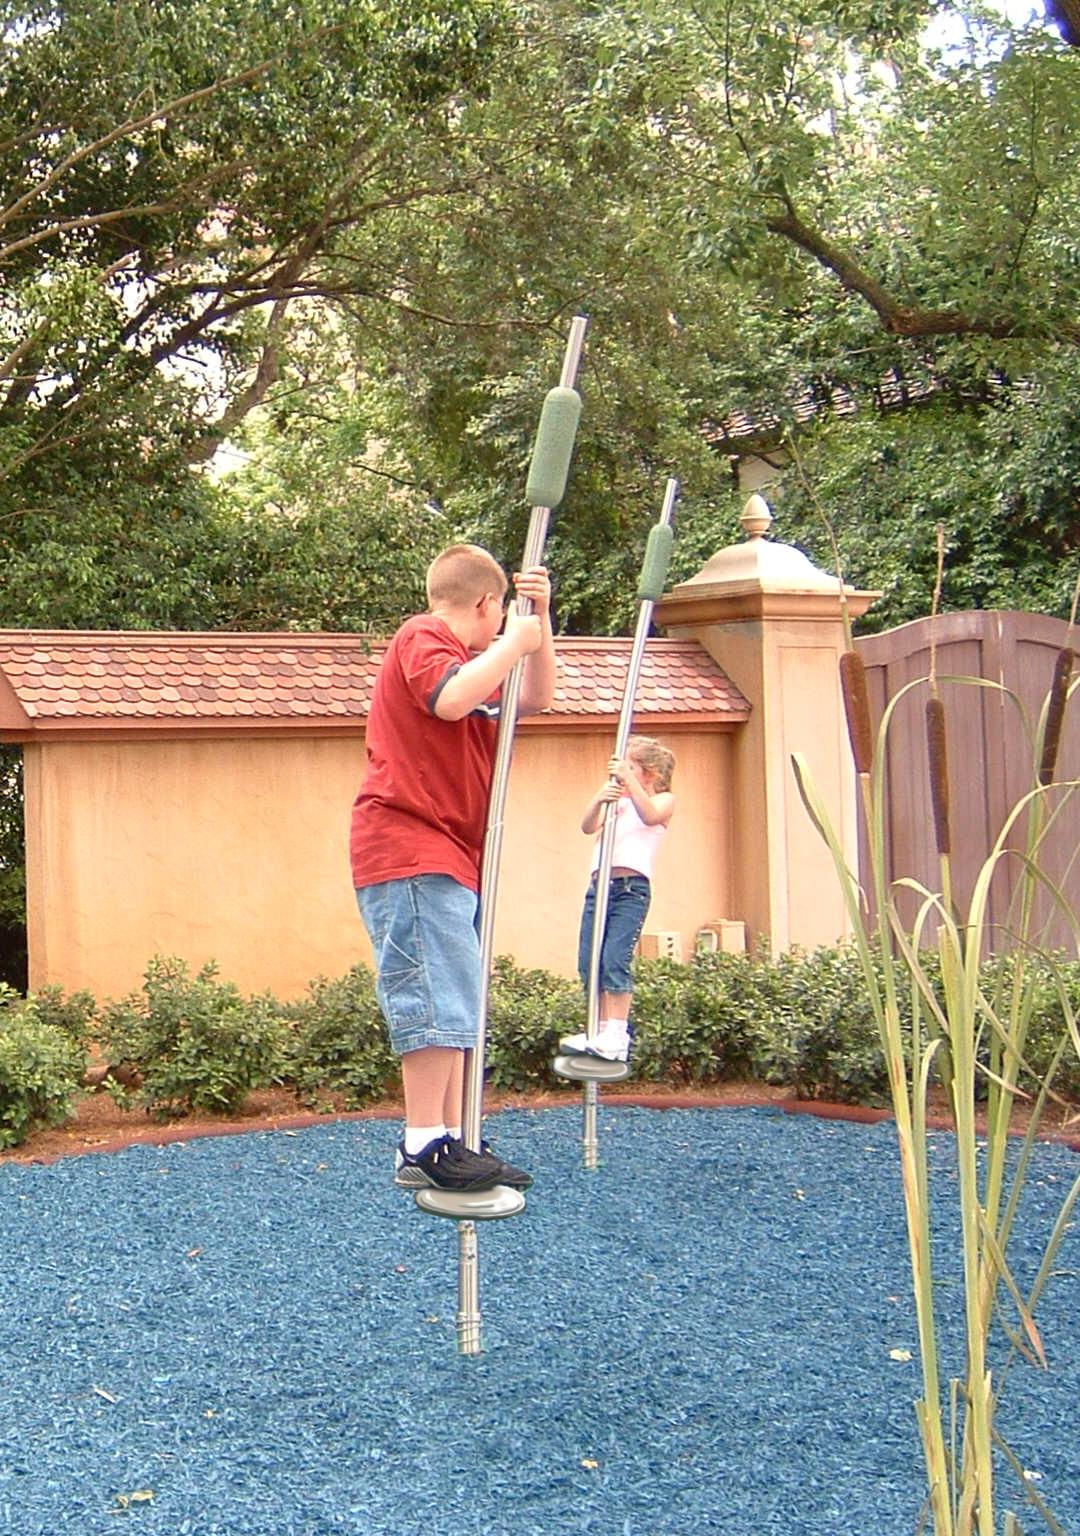 Fun Backyard Ideas turn the backyard into fun and cool play space for kids Fun Backyard Ideas